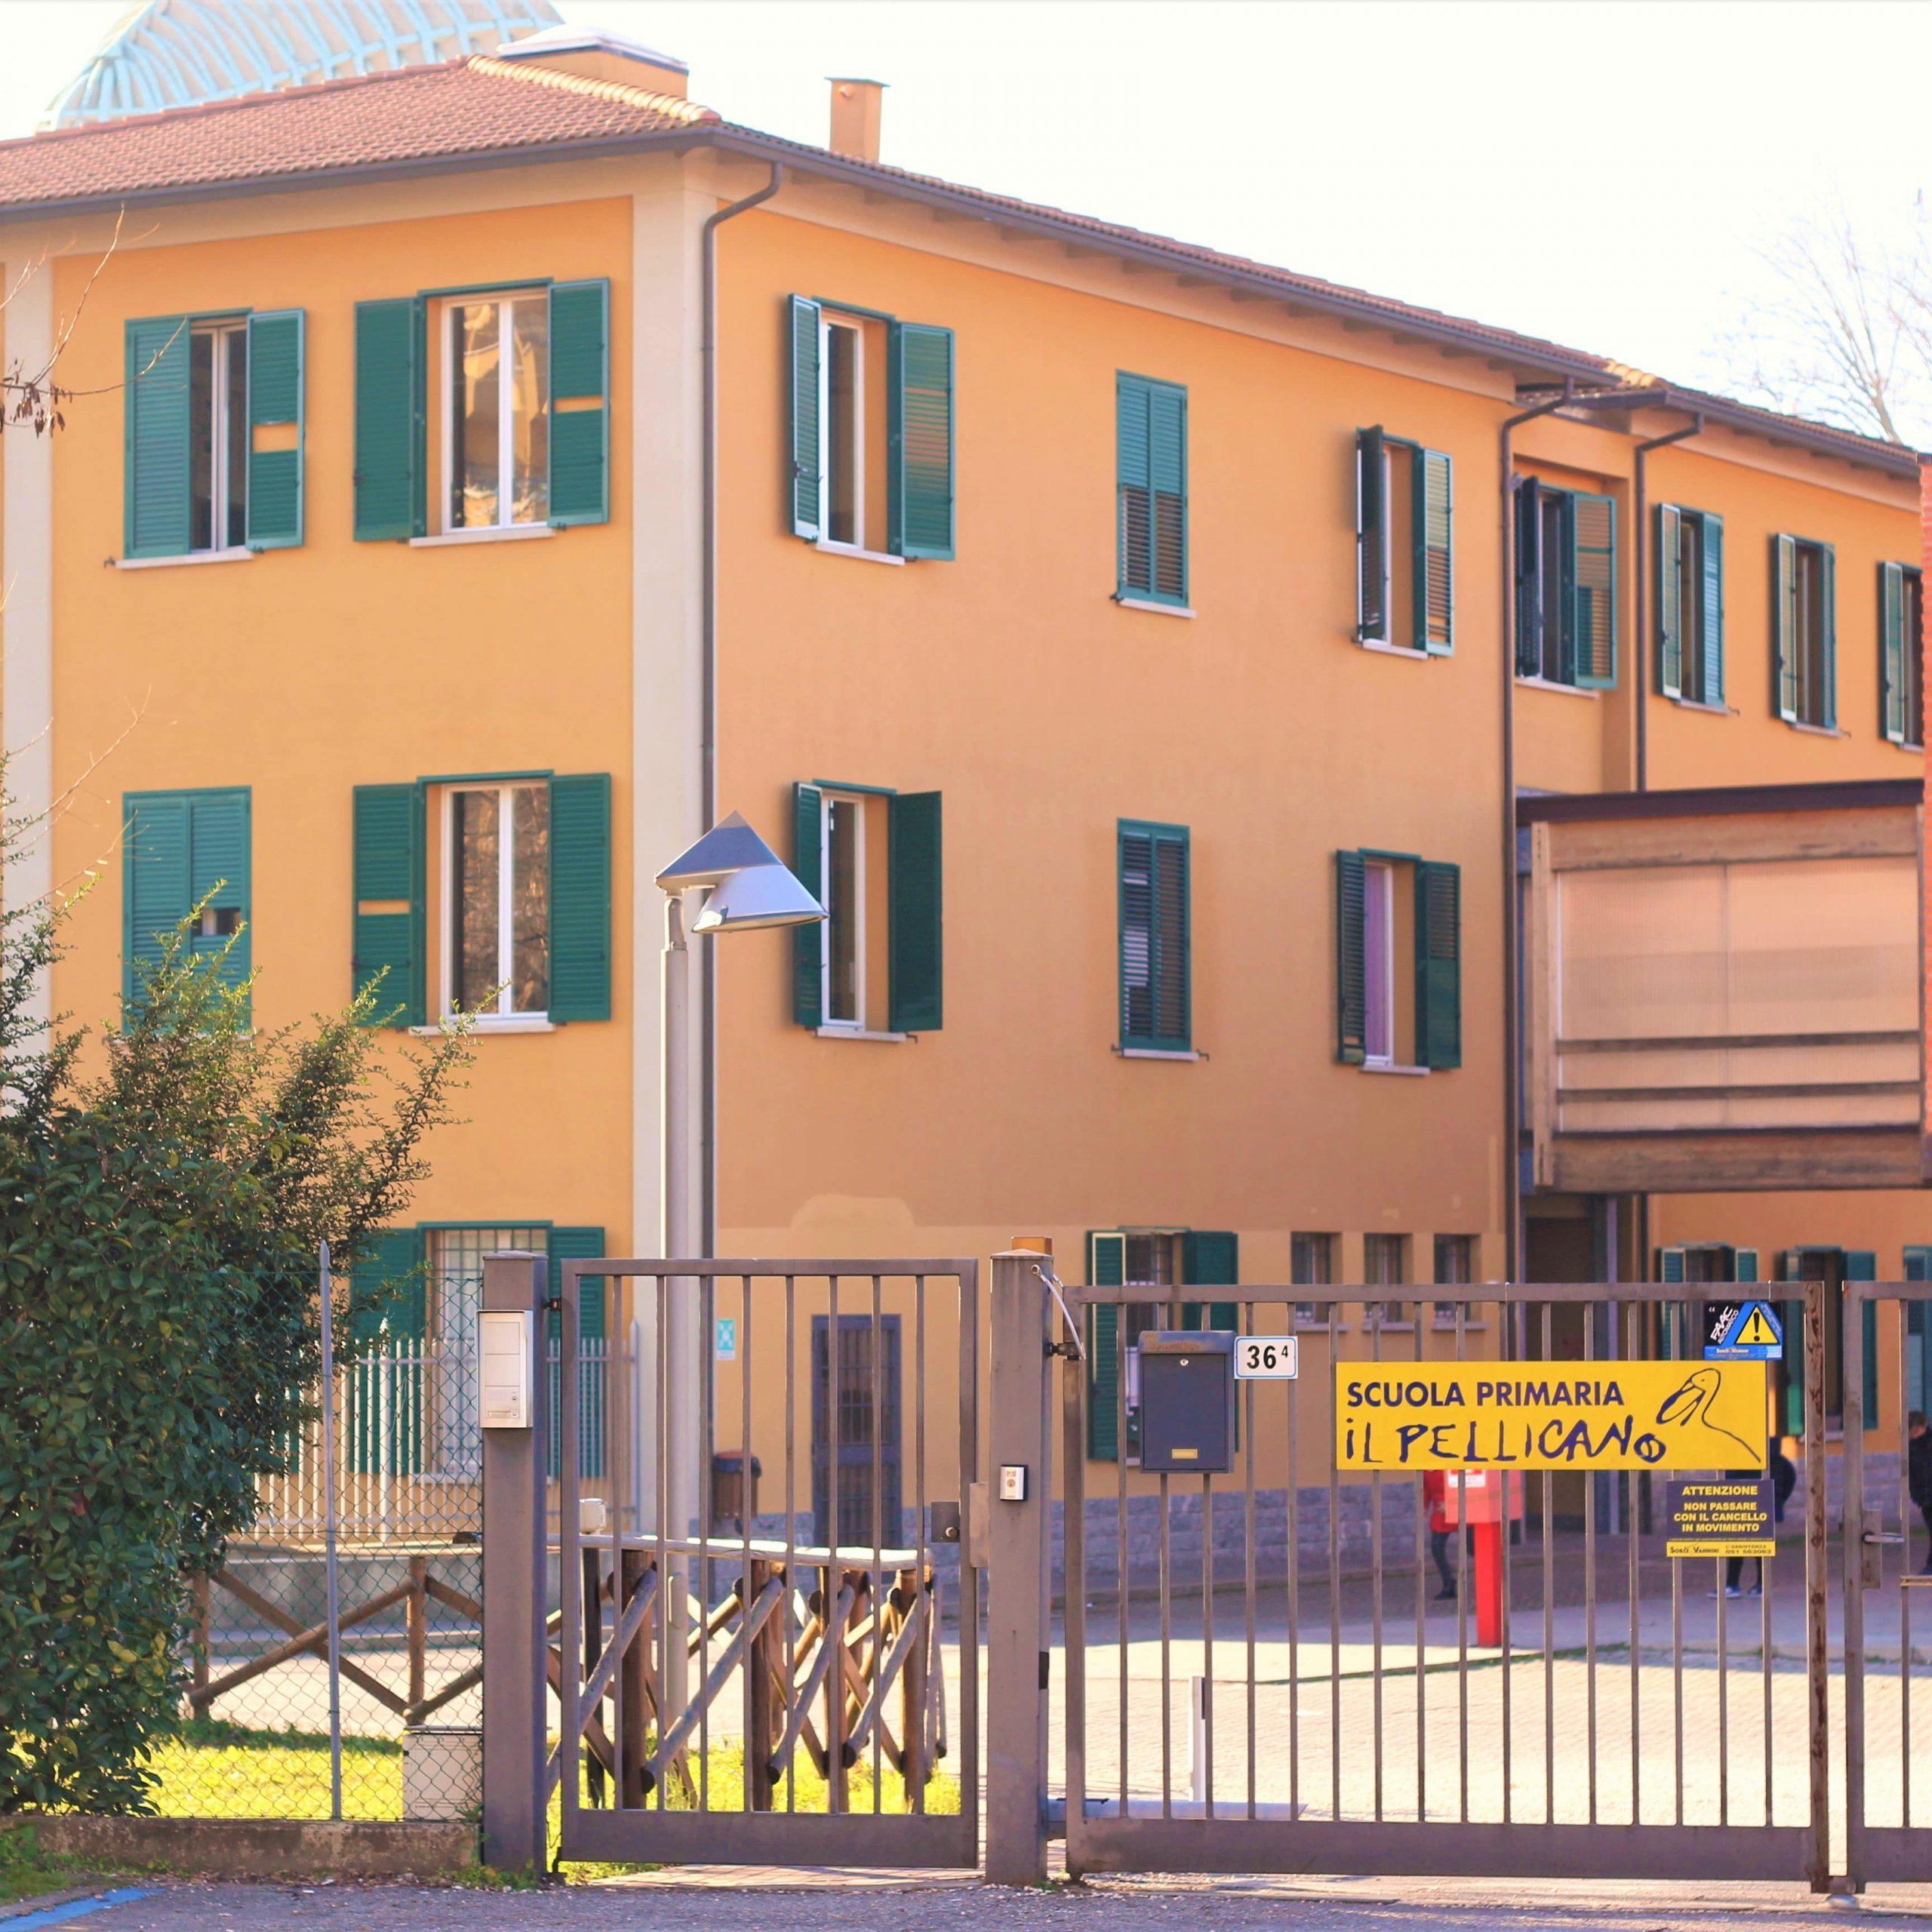 Scuola primaria Il Pellicano